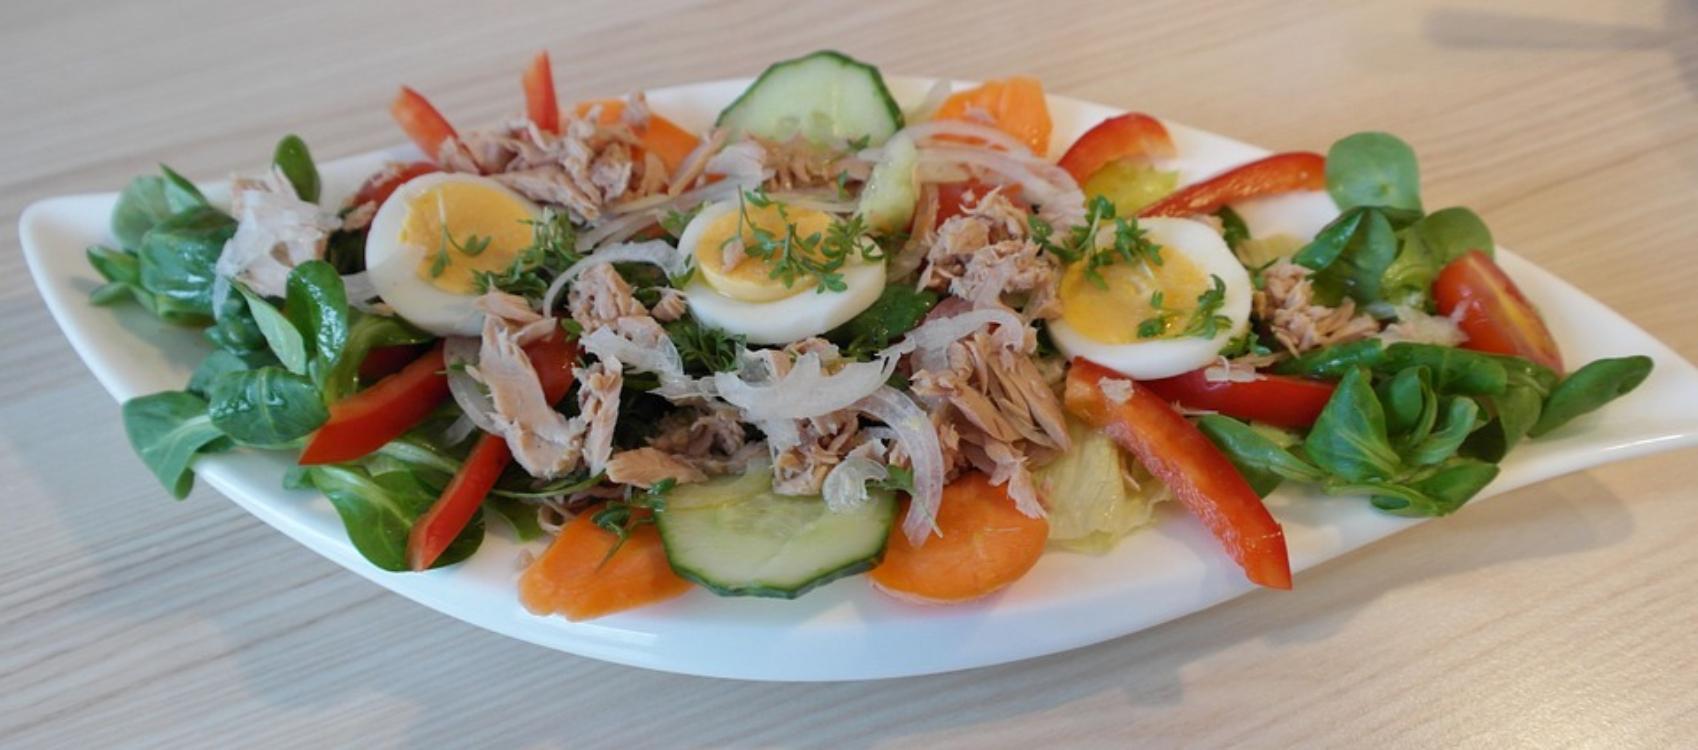 Receita (muito) saudável de salada de atum!